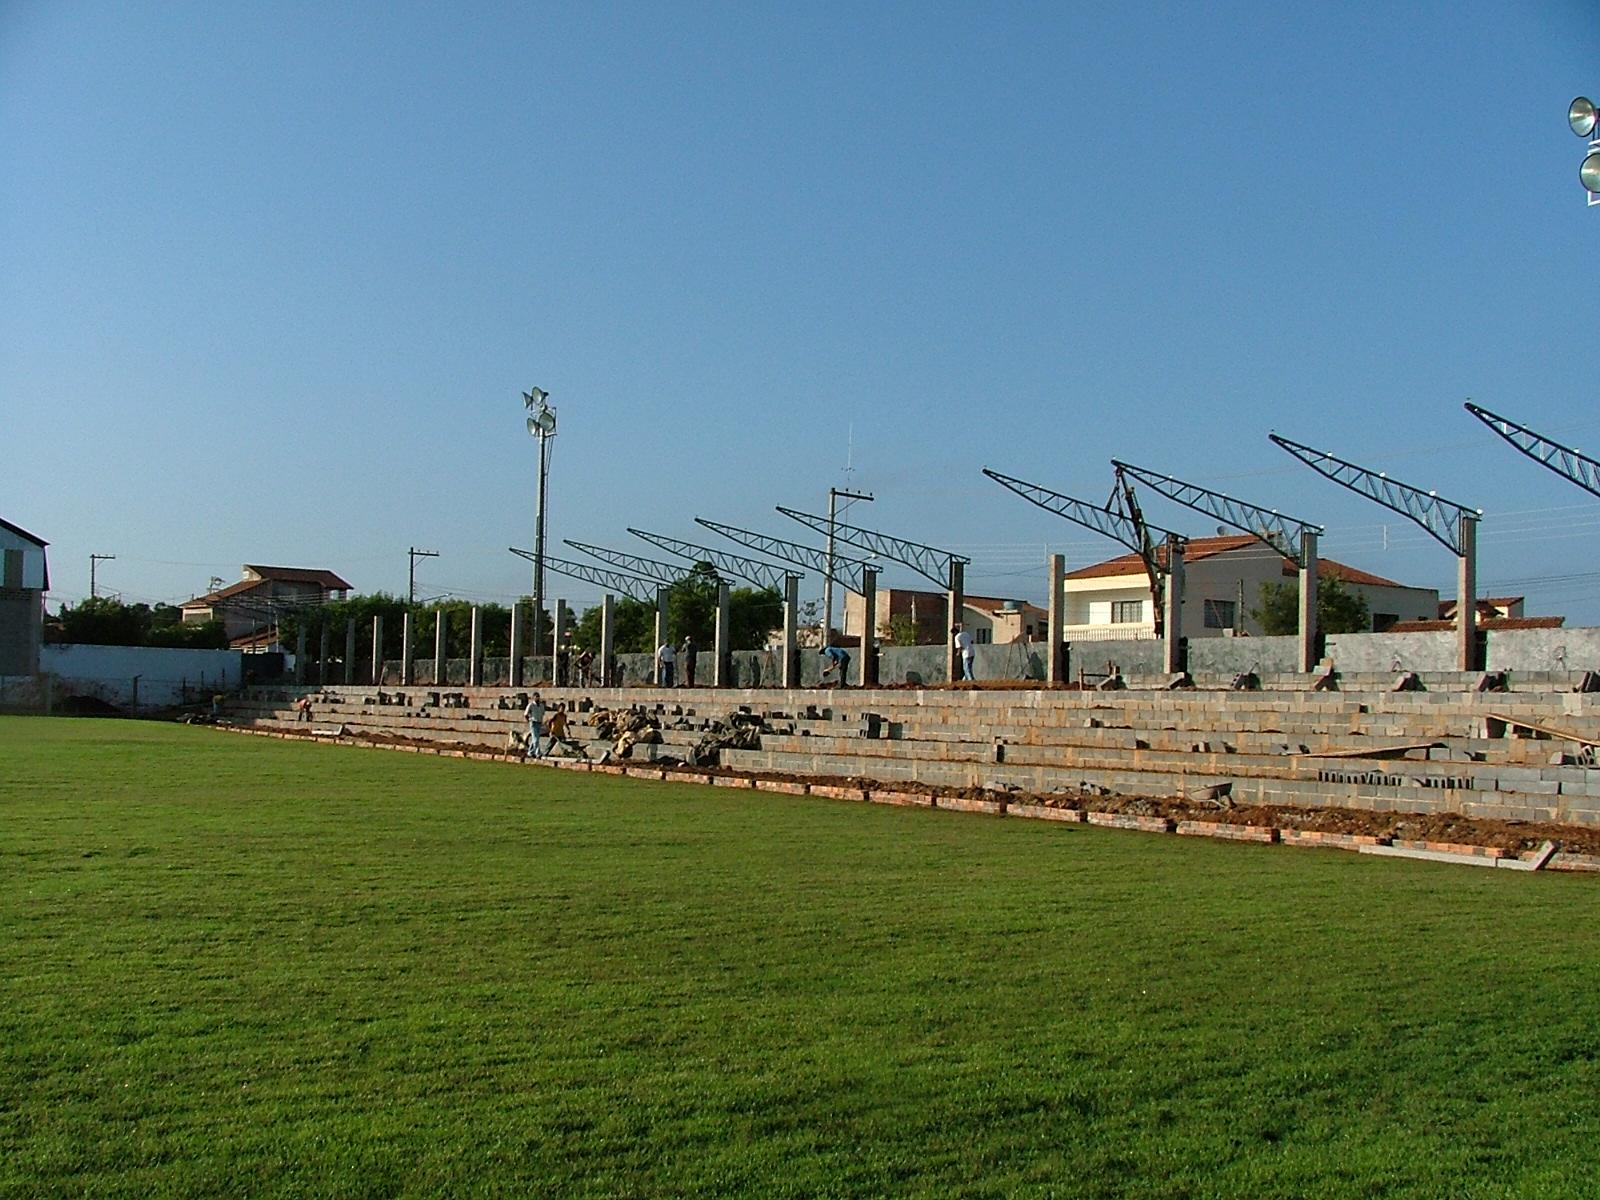 engeba-engenharia-pre-moldados-projeto-pilar-do-sul-sp-interior-obra-bndes-construçao-edificio-multipavimento-cobertura-fechamento-fundaçao-pre-fabricado-edificio-garagem-infraestrutura-industrial-terca-concreto-viga-t-cobertura-calha-escada-laje-estrutura-Estadio Municipal de Guareí (2)